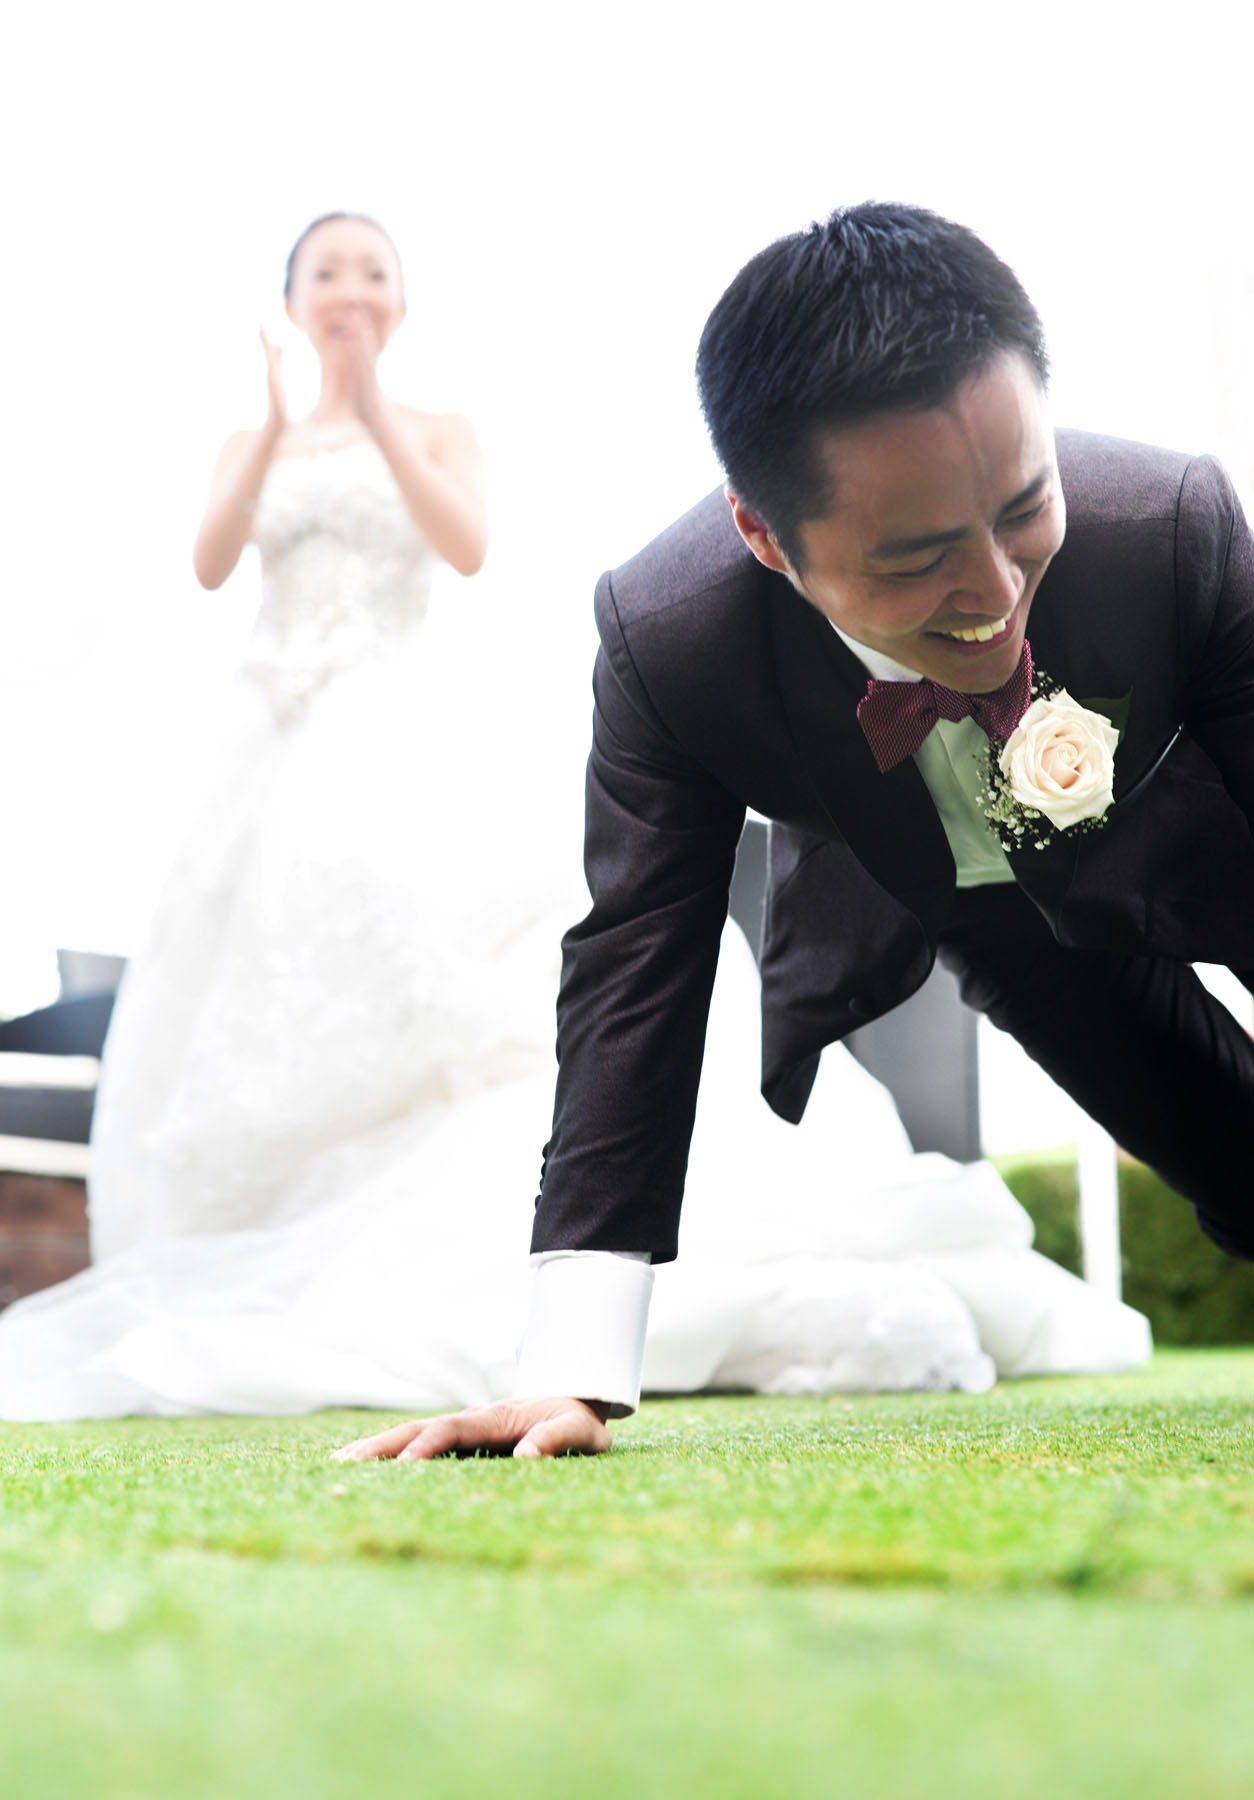 estepona fotos divertidas bodas